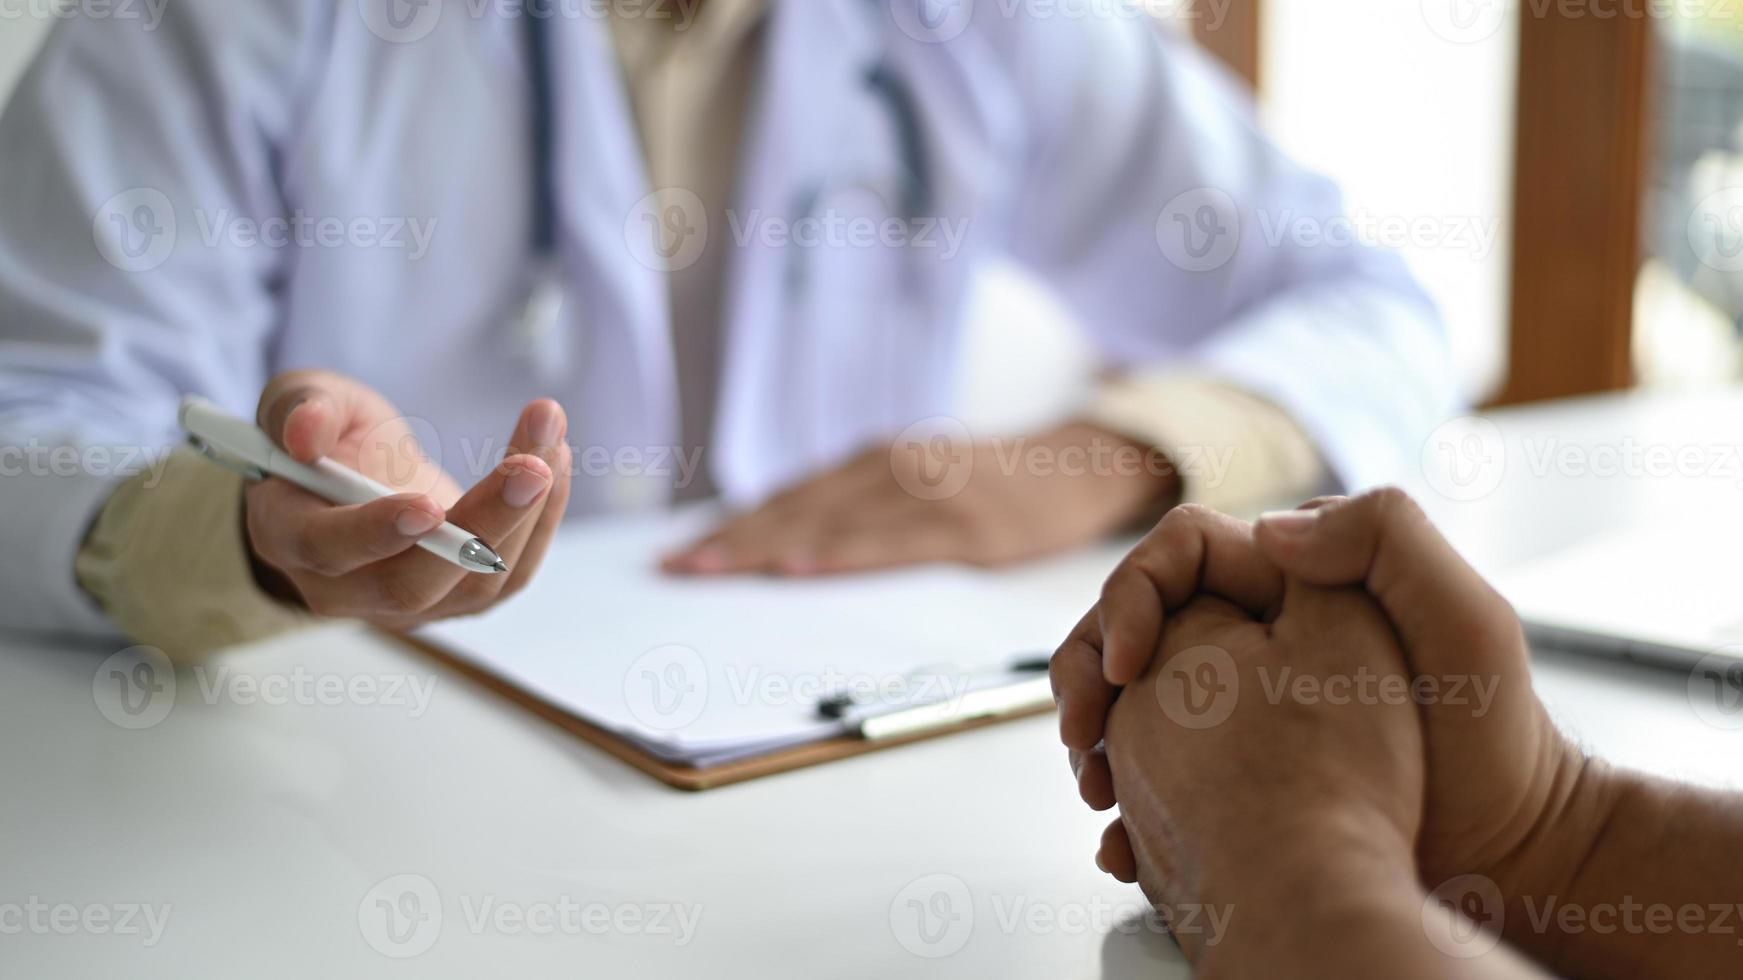 concetto medico, i pazienti ascoltano i consigli dei professionisti medici. foto